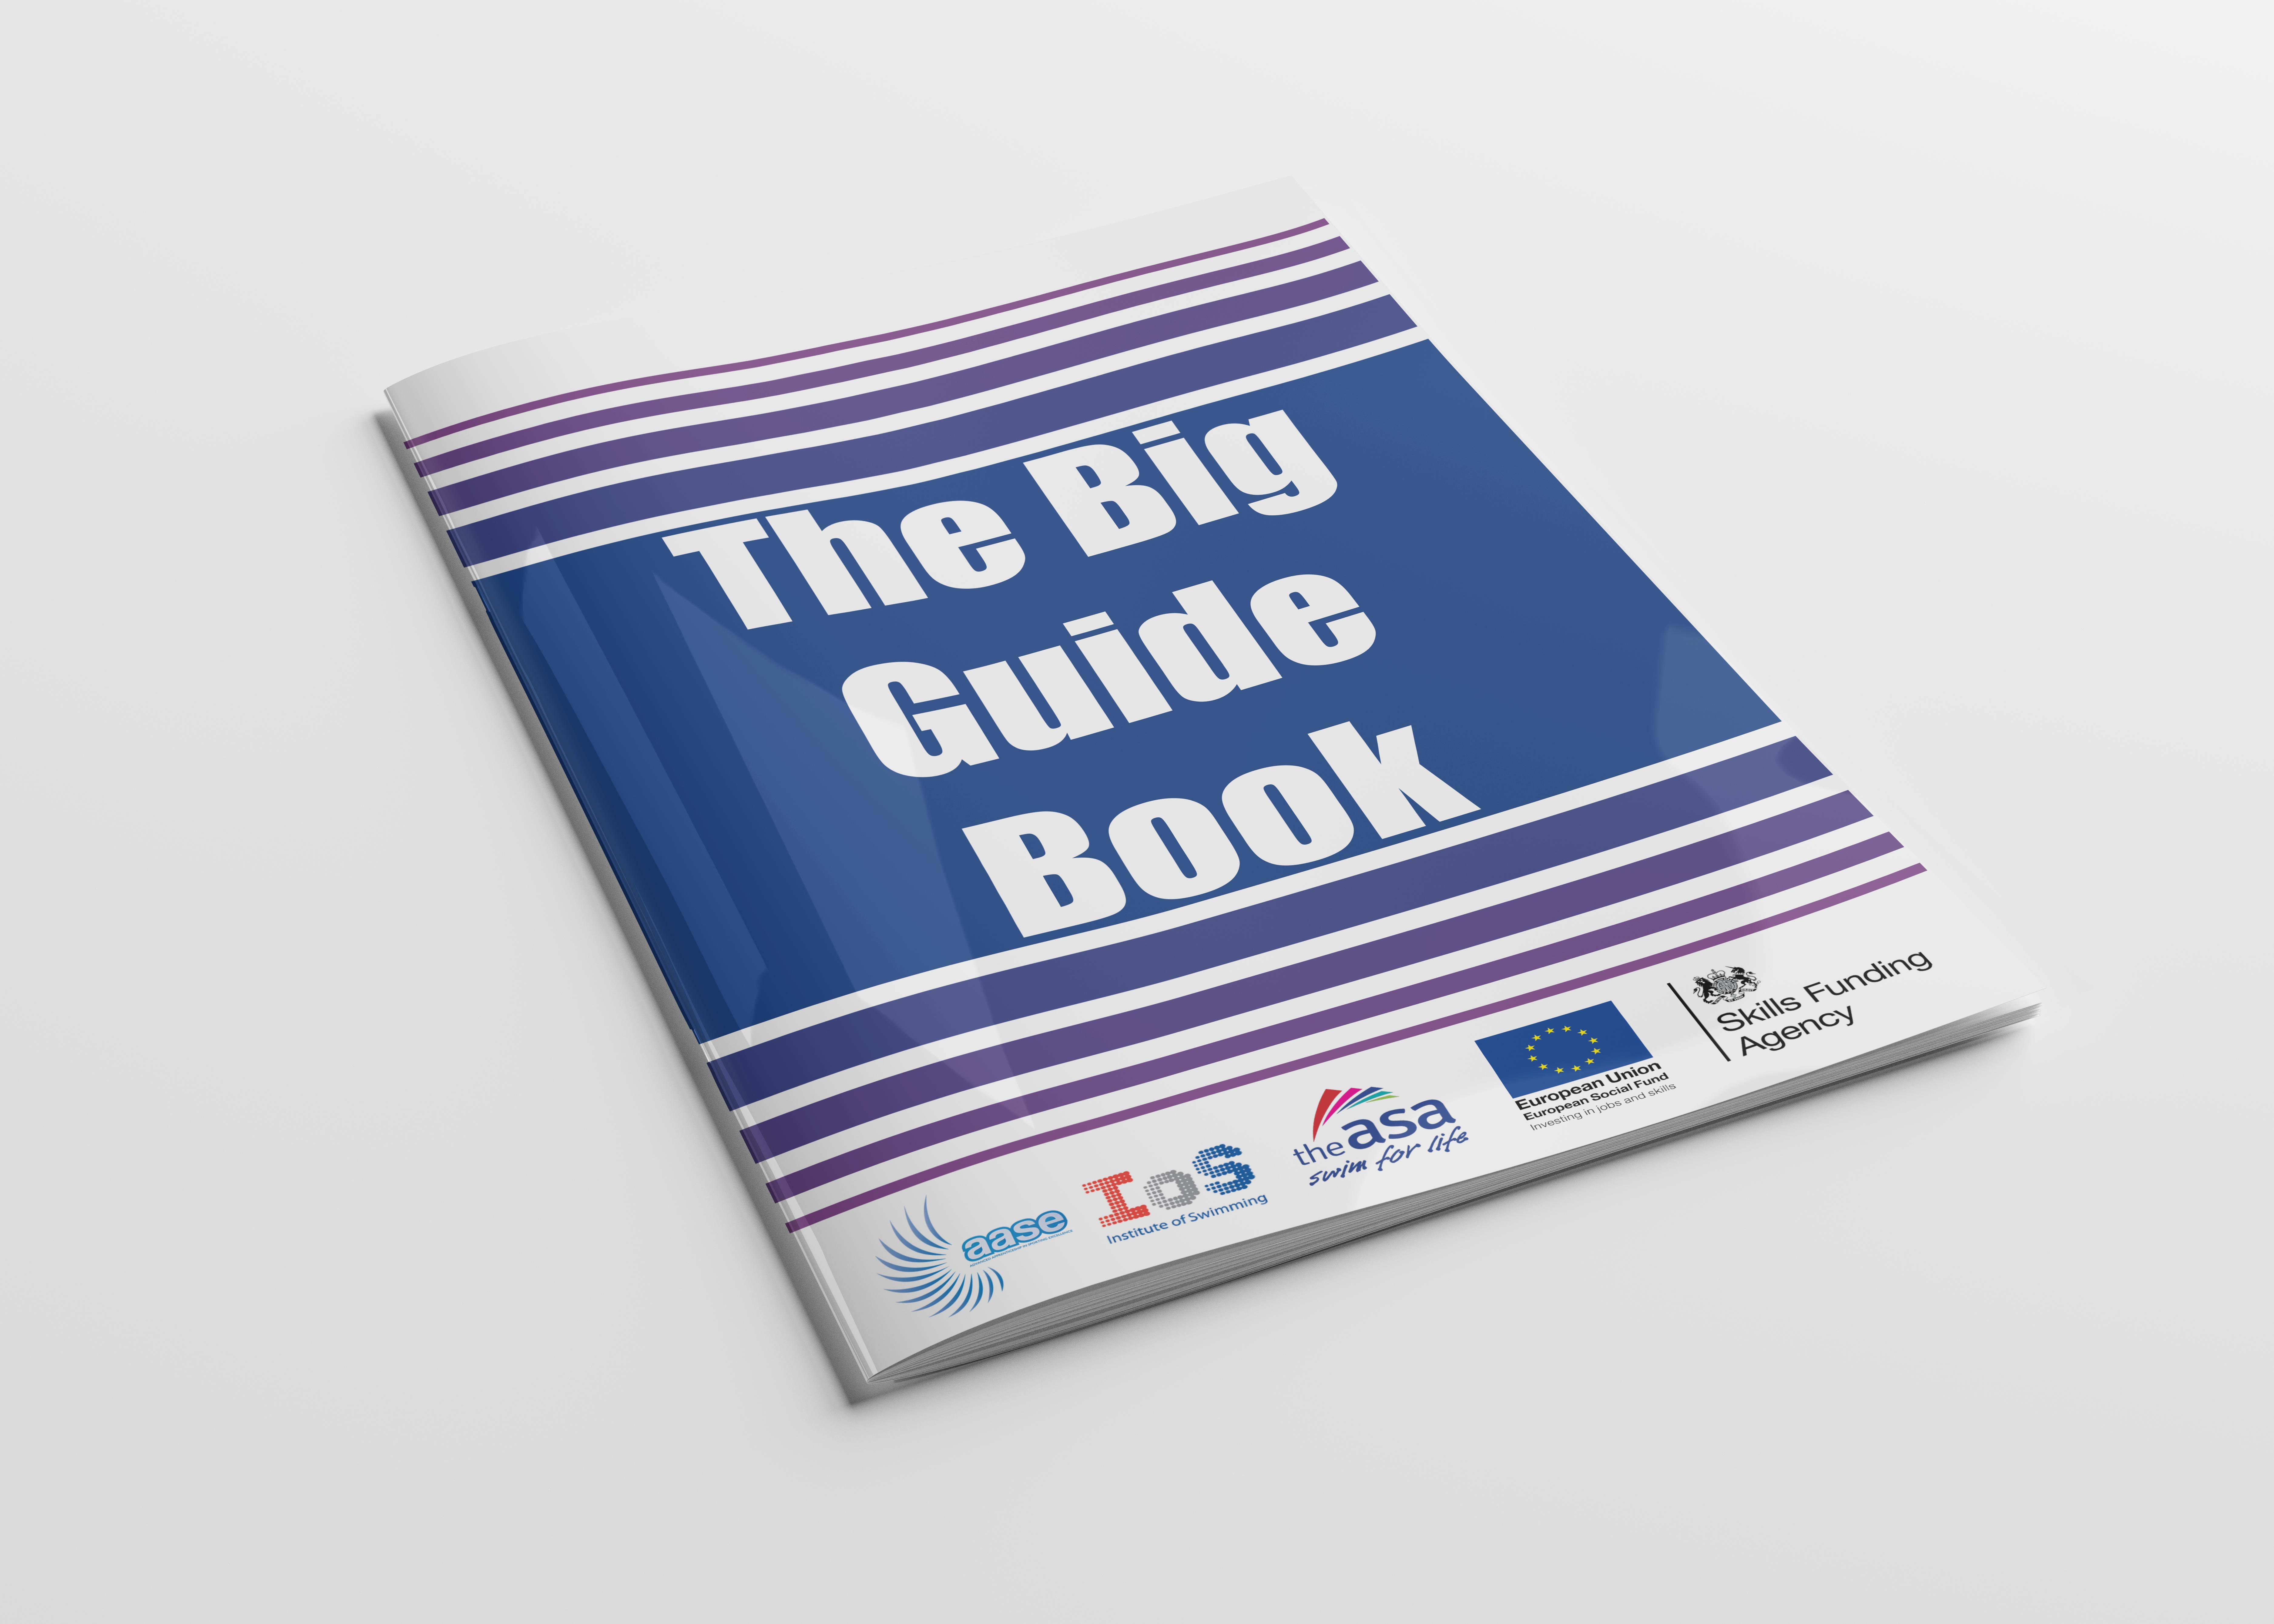 The Big Guidebook